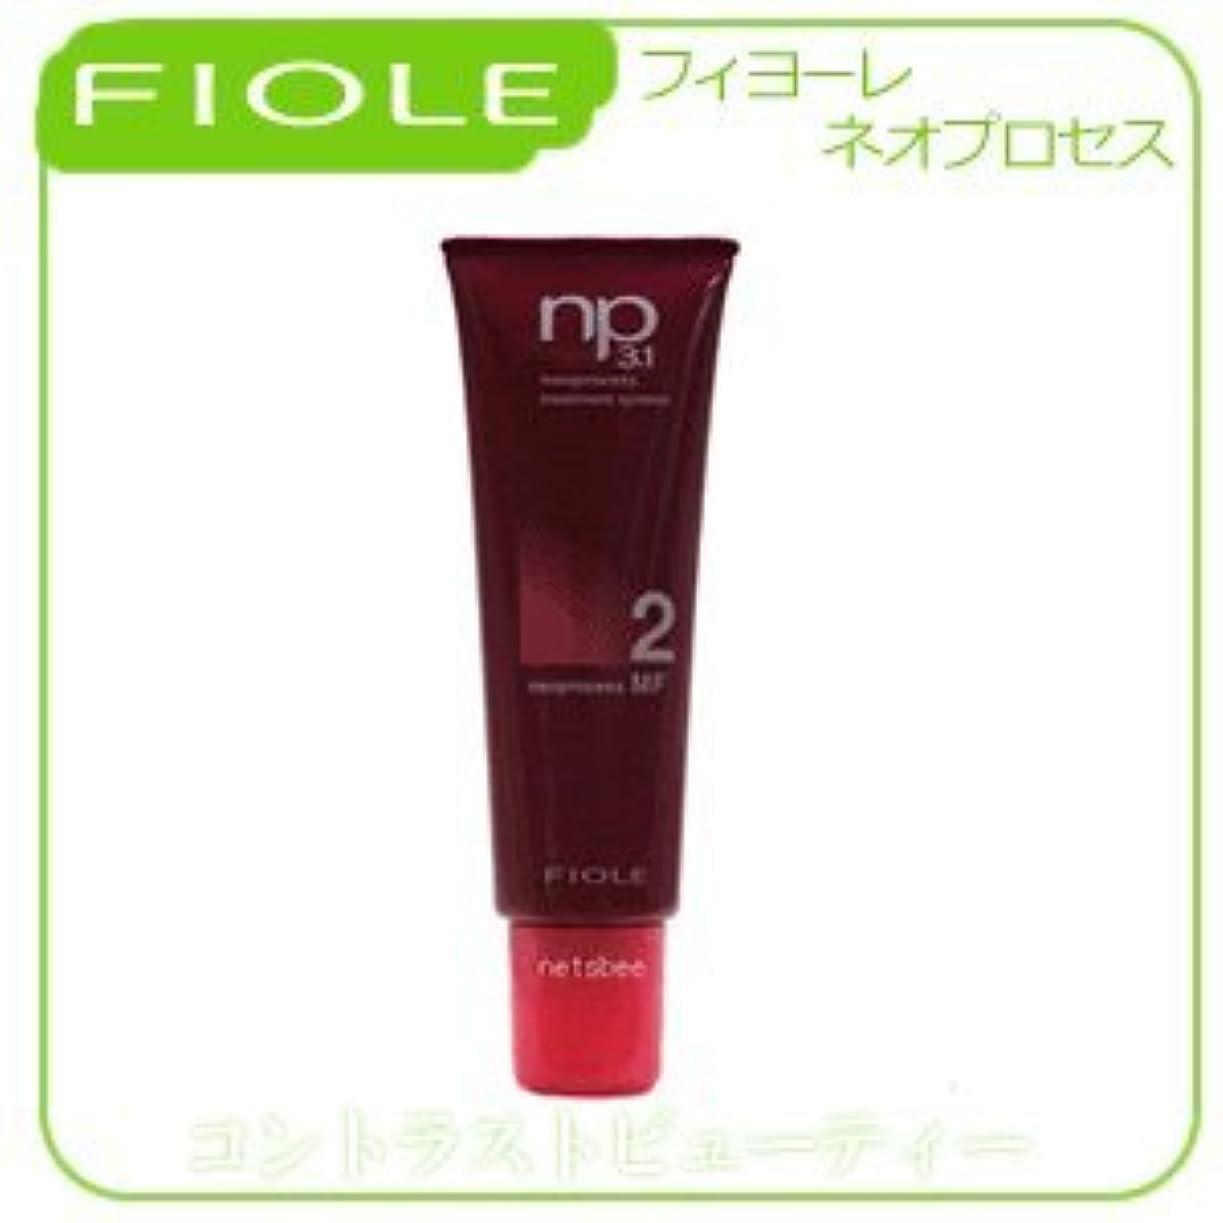 最大の落ち着く豊かな【X5個セット】 フィヨーレ NP3.1 ネオプロセス MF2 130g FIOLE ネオプロセス